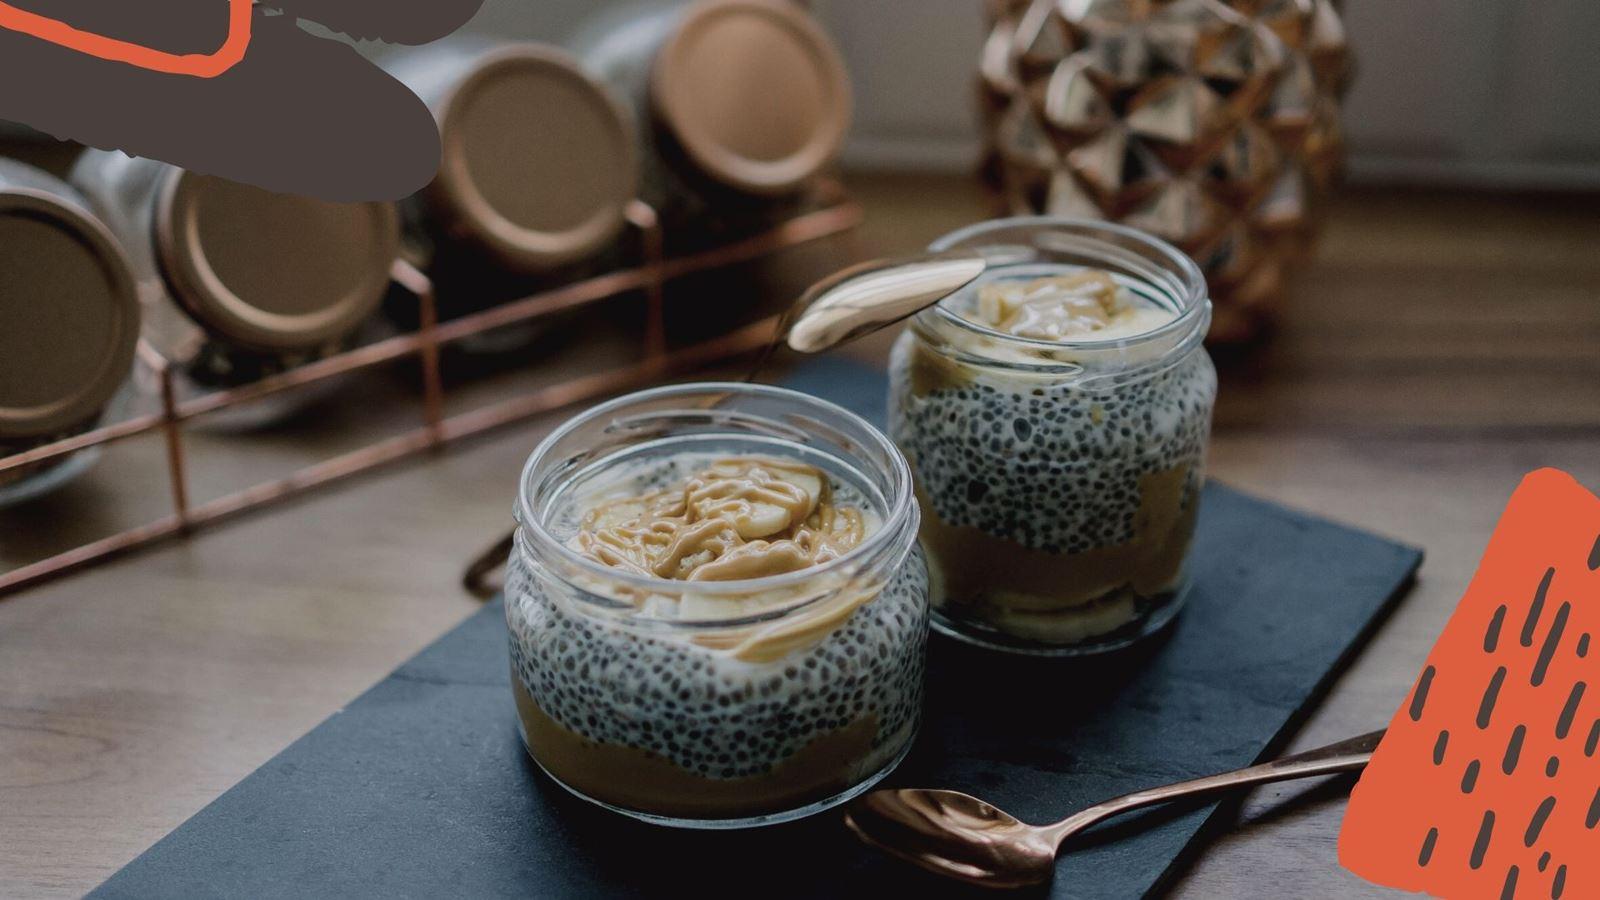 8 jak zrobić zdrowy i szybki deser z nasionami chia pudding chia przepis jak przygotować z truskawkami, pomysł na łatwy deser na sniadanie how make easy health pudding chia receipes